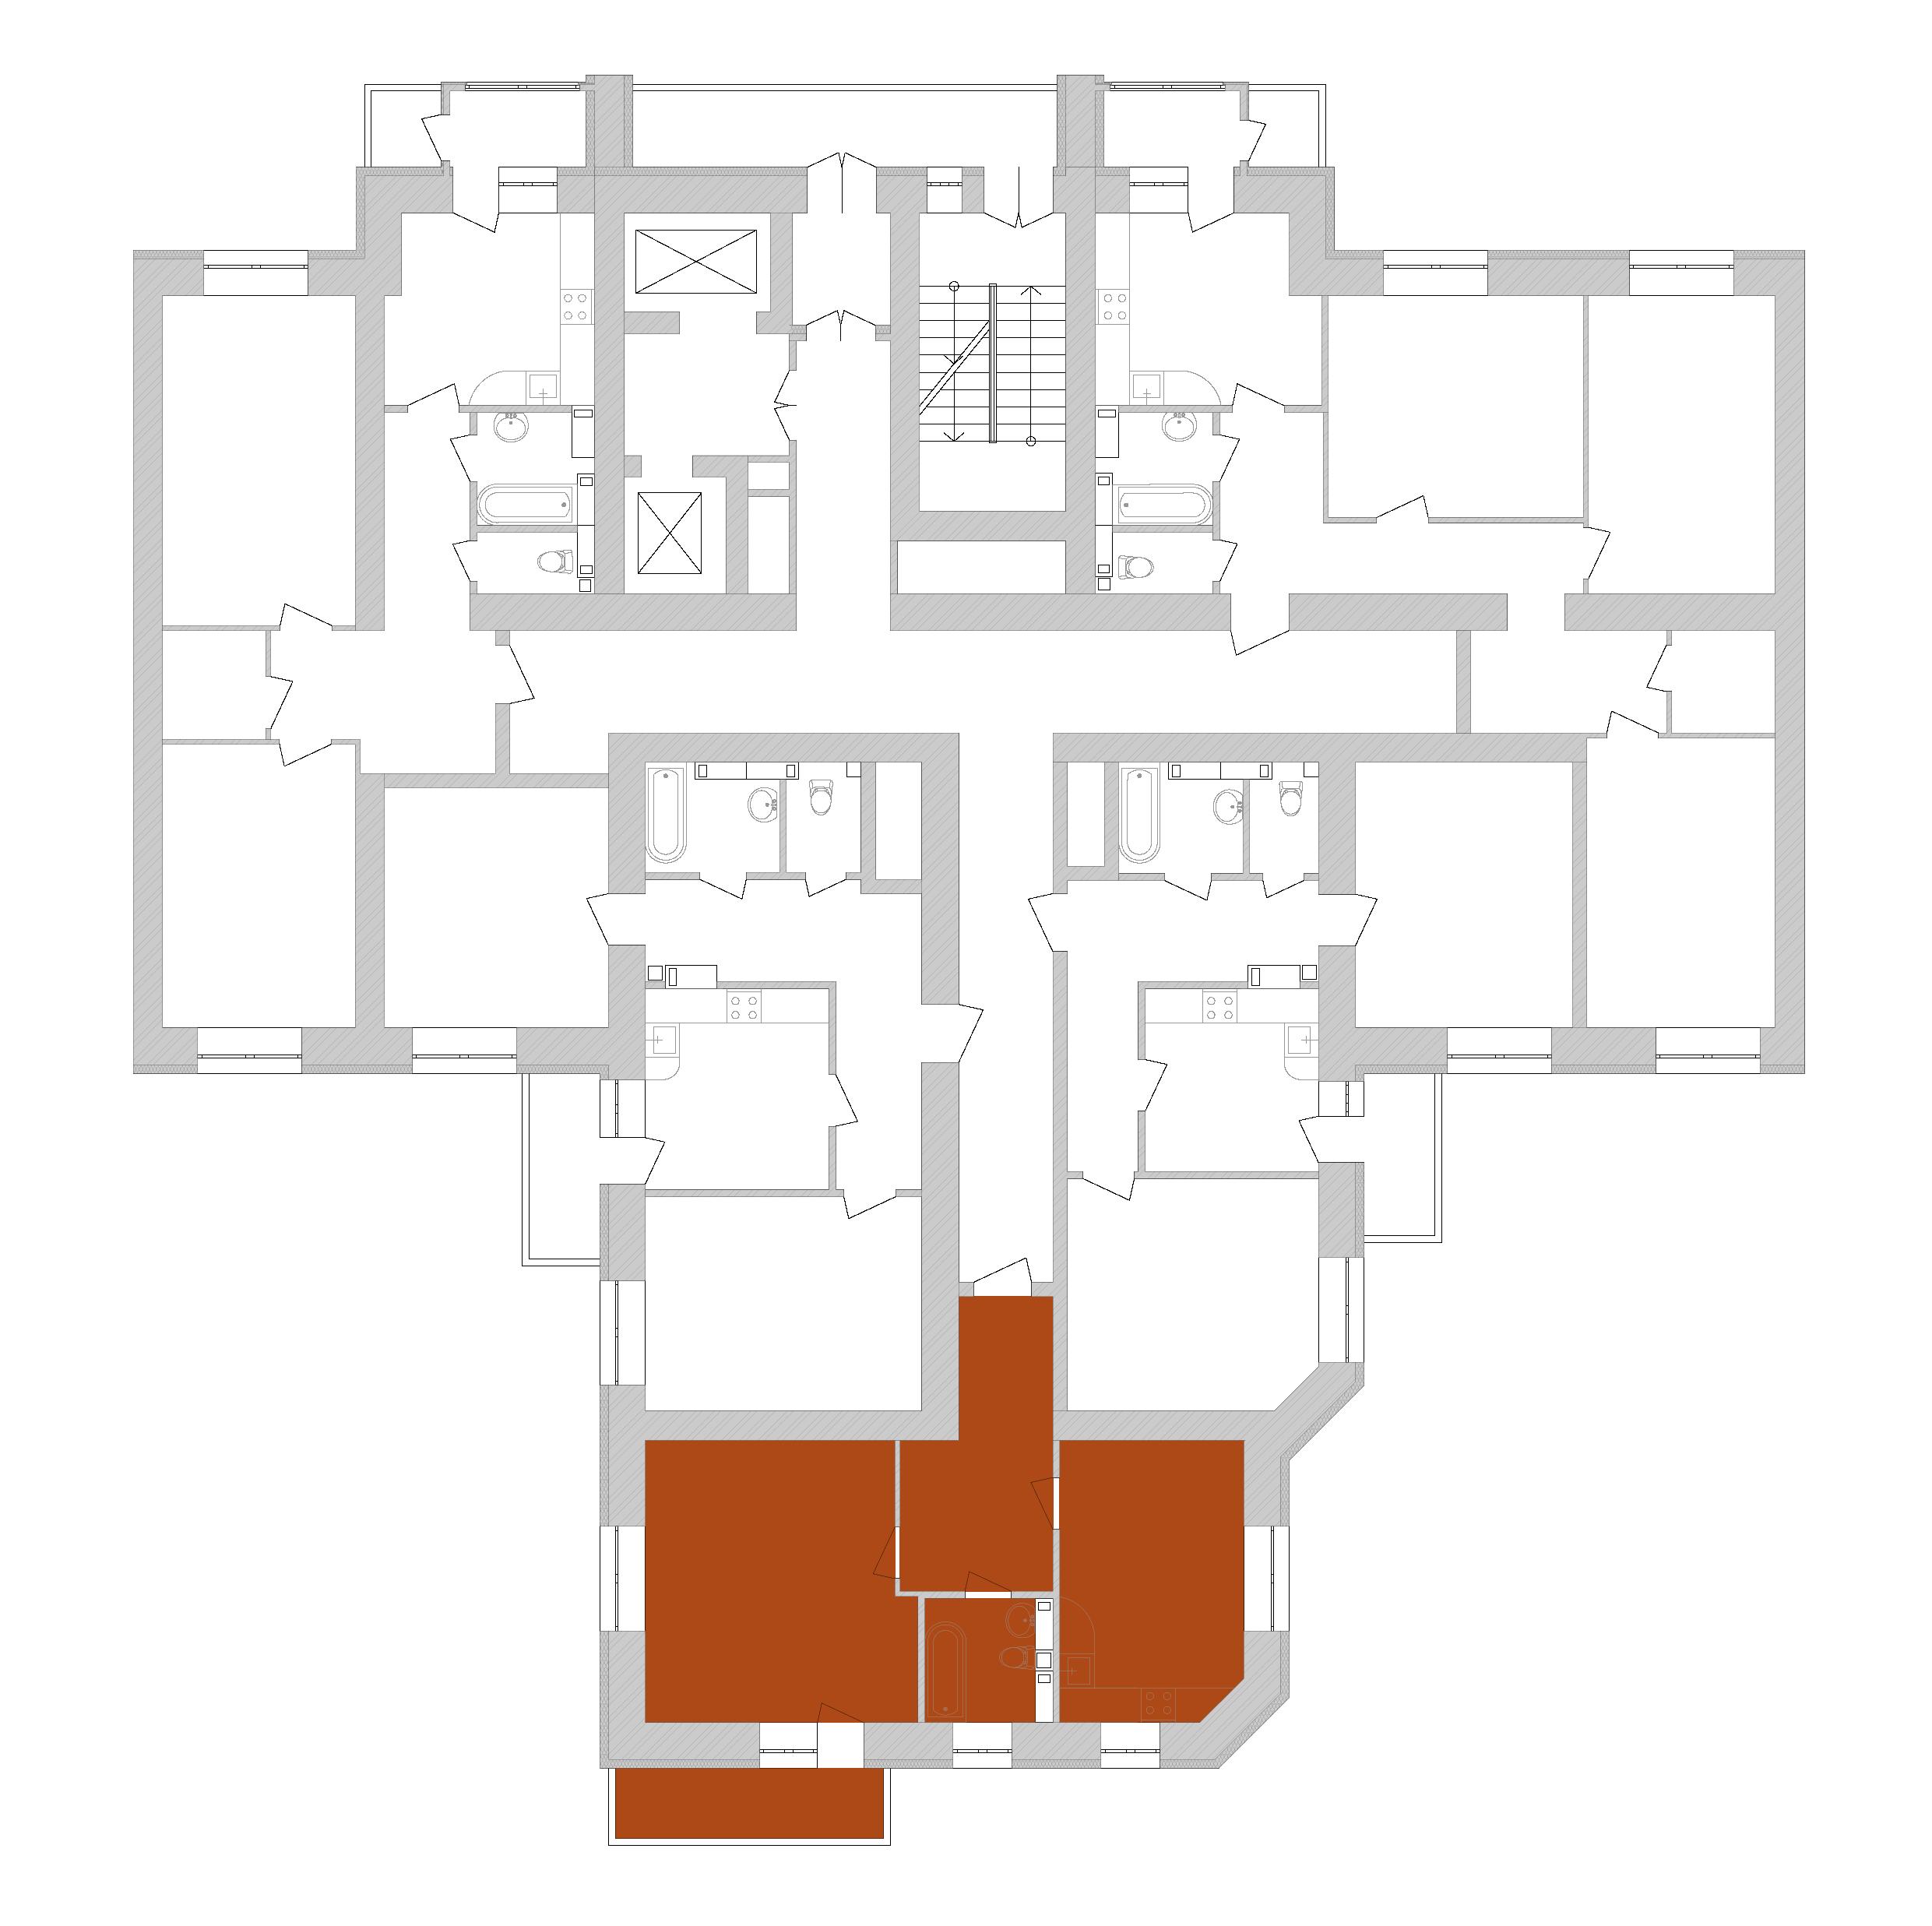 Однокімнатна квартира 53,76 кв.м., тип 1.1, будинок 1, секція 7 розташування на поверсі